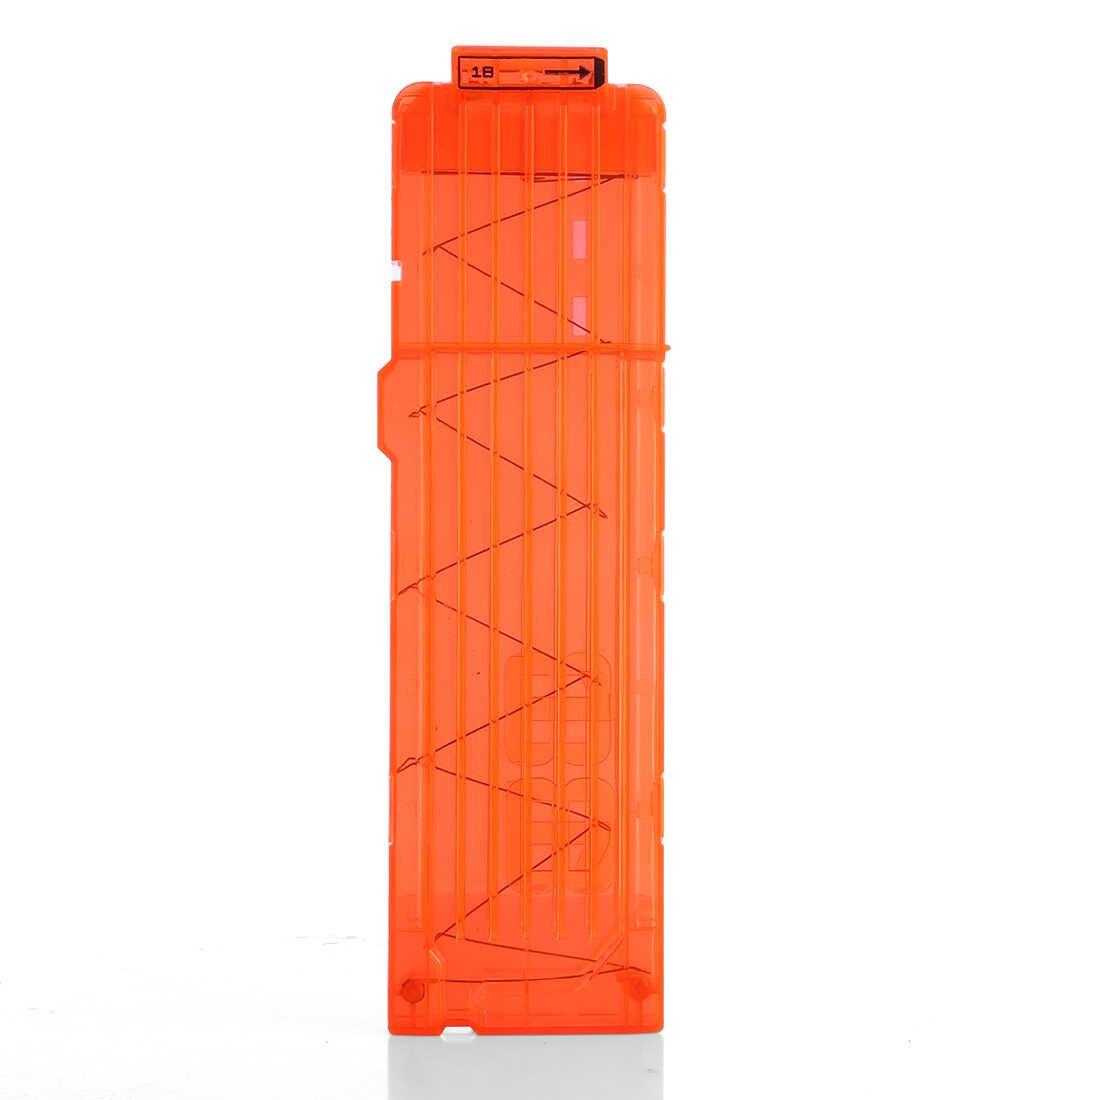 NFSTRIKE 3 шт. мягкие обоймы для патронов журнал для игрушечный пистолет Nerf 18 патронов Дартс для игрушечный пистолет Nerf зажимы оранжевый 2018